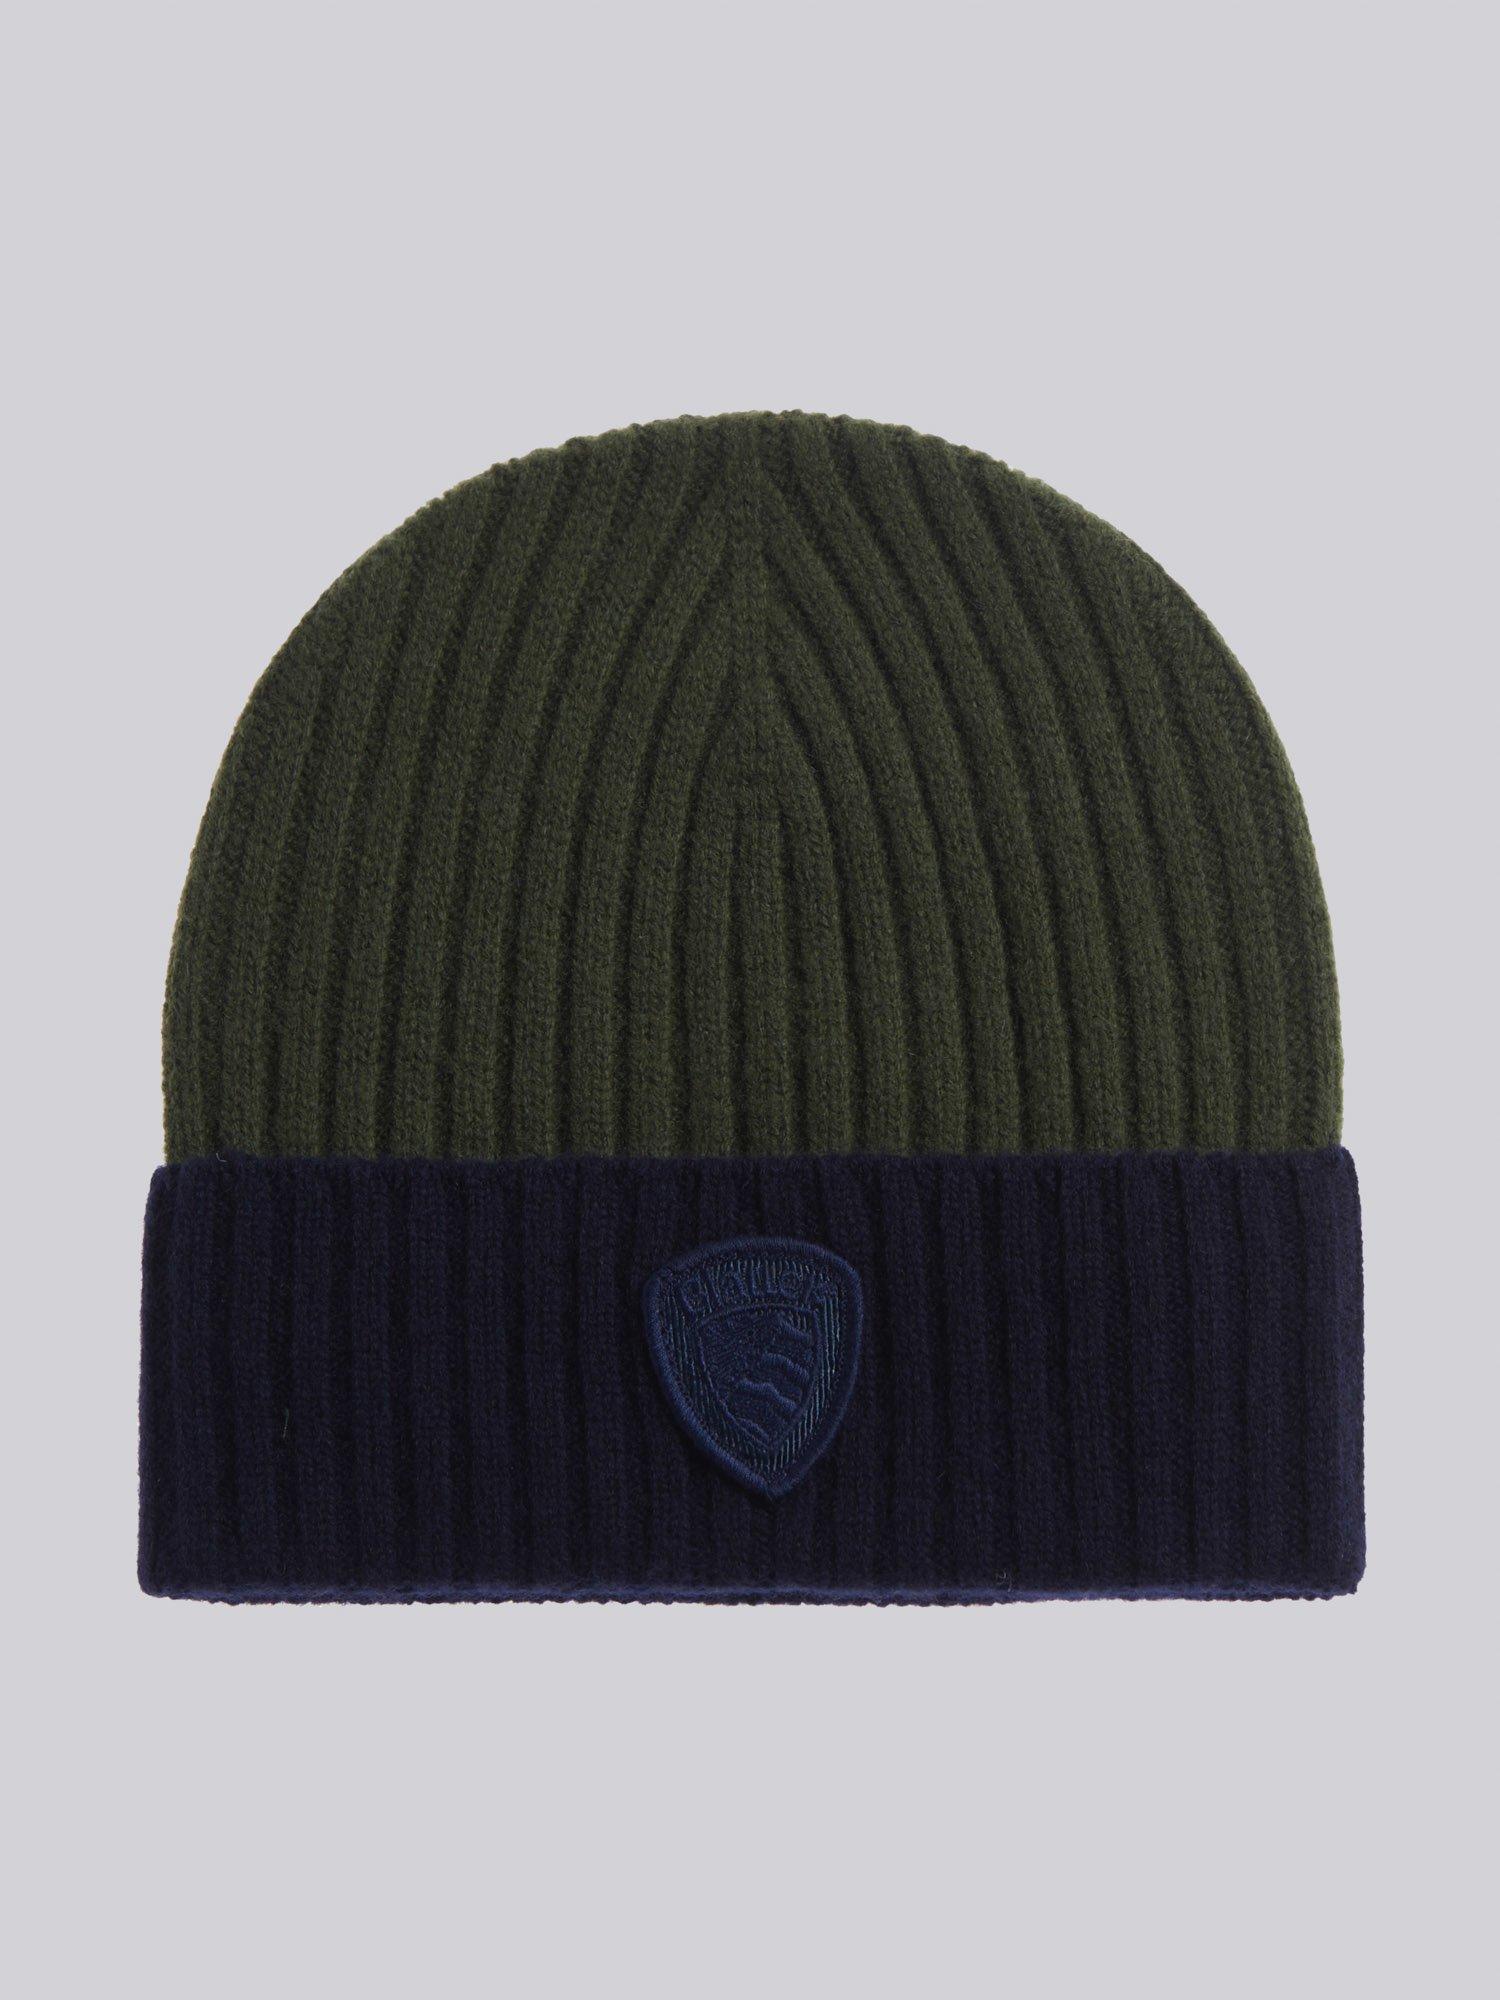 LIGHT-DARK CAP - Blauer